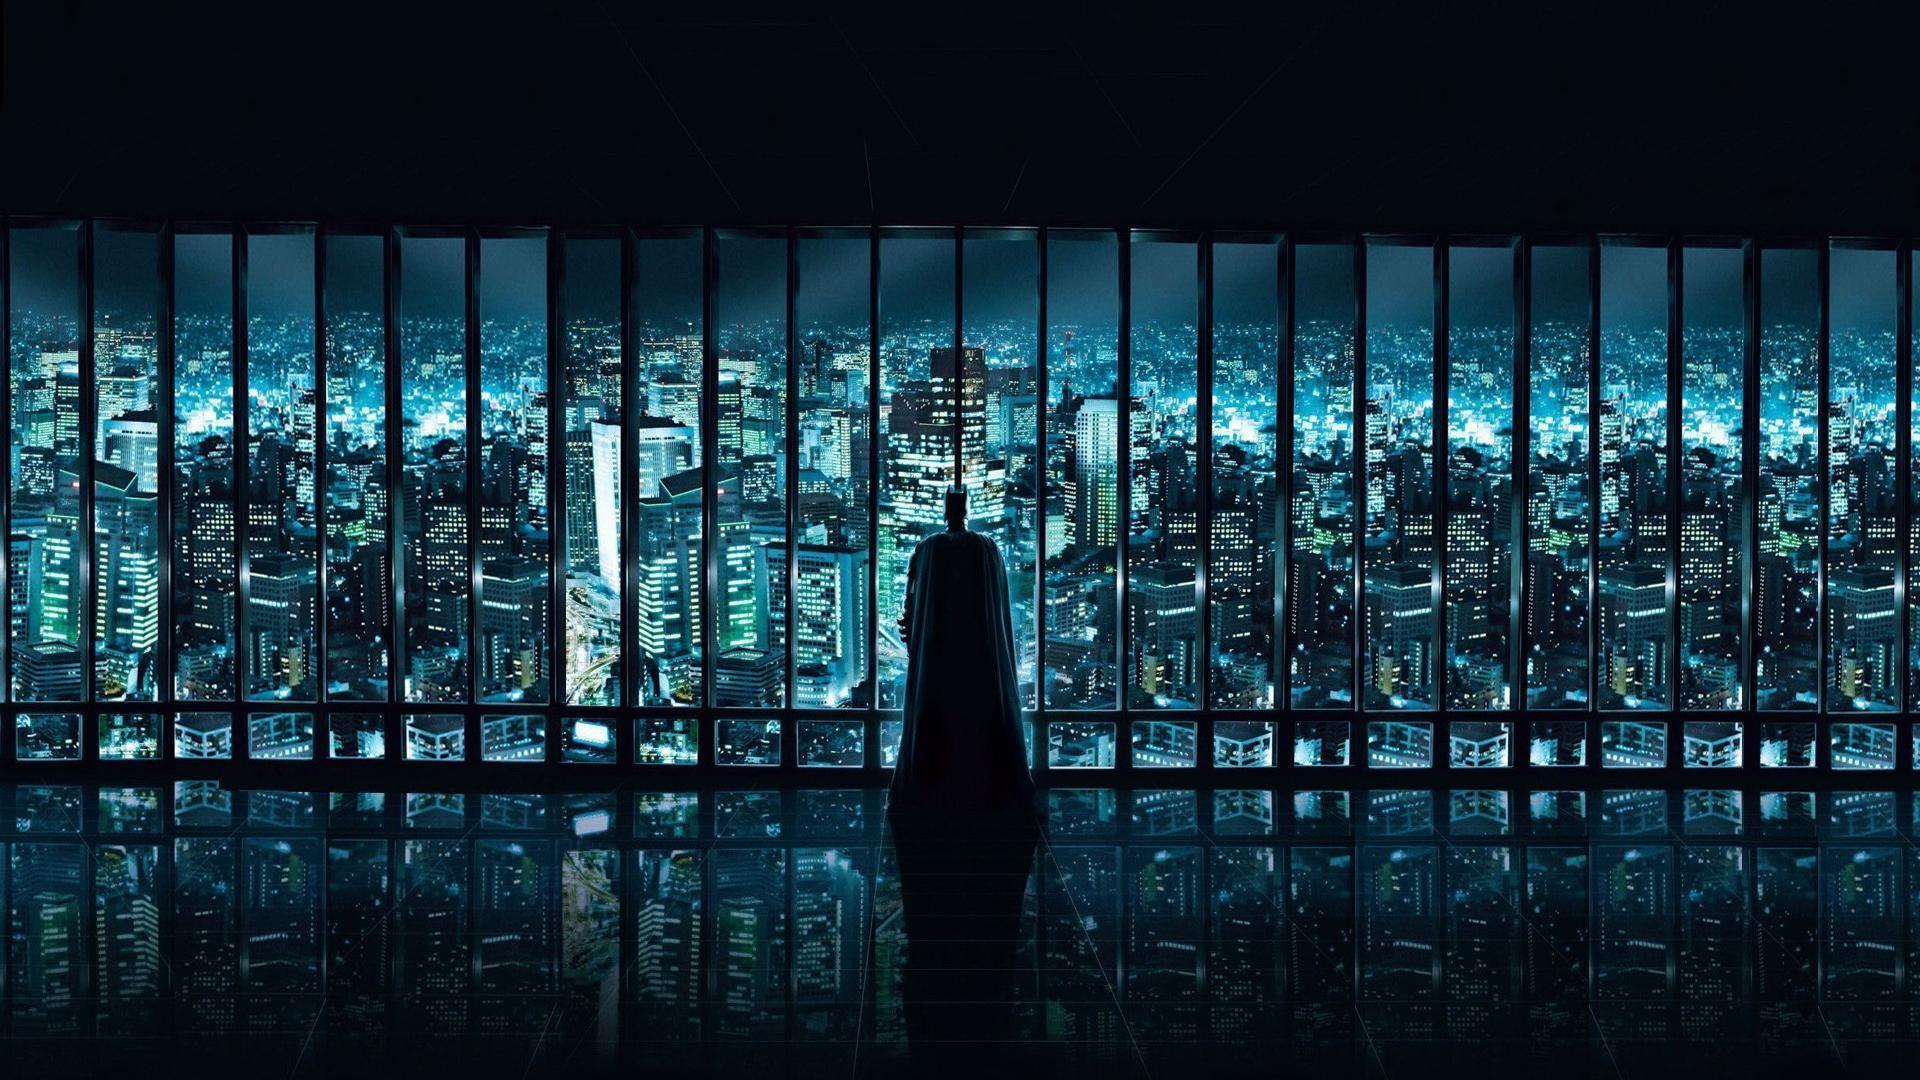 Batman Wallpaper 1920x1080 1